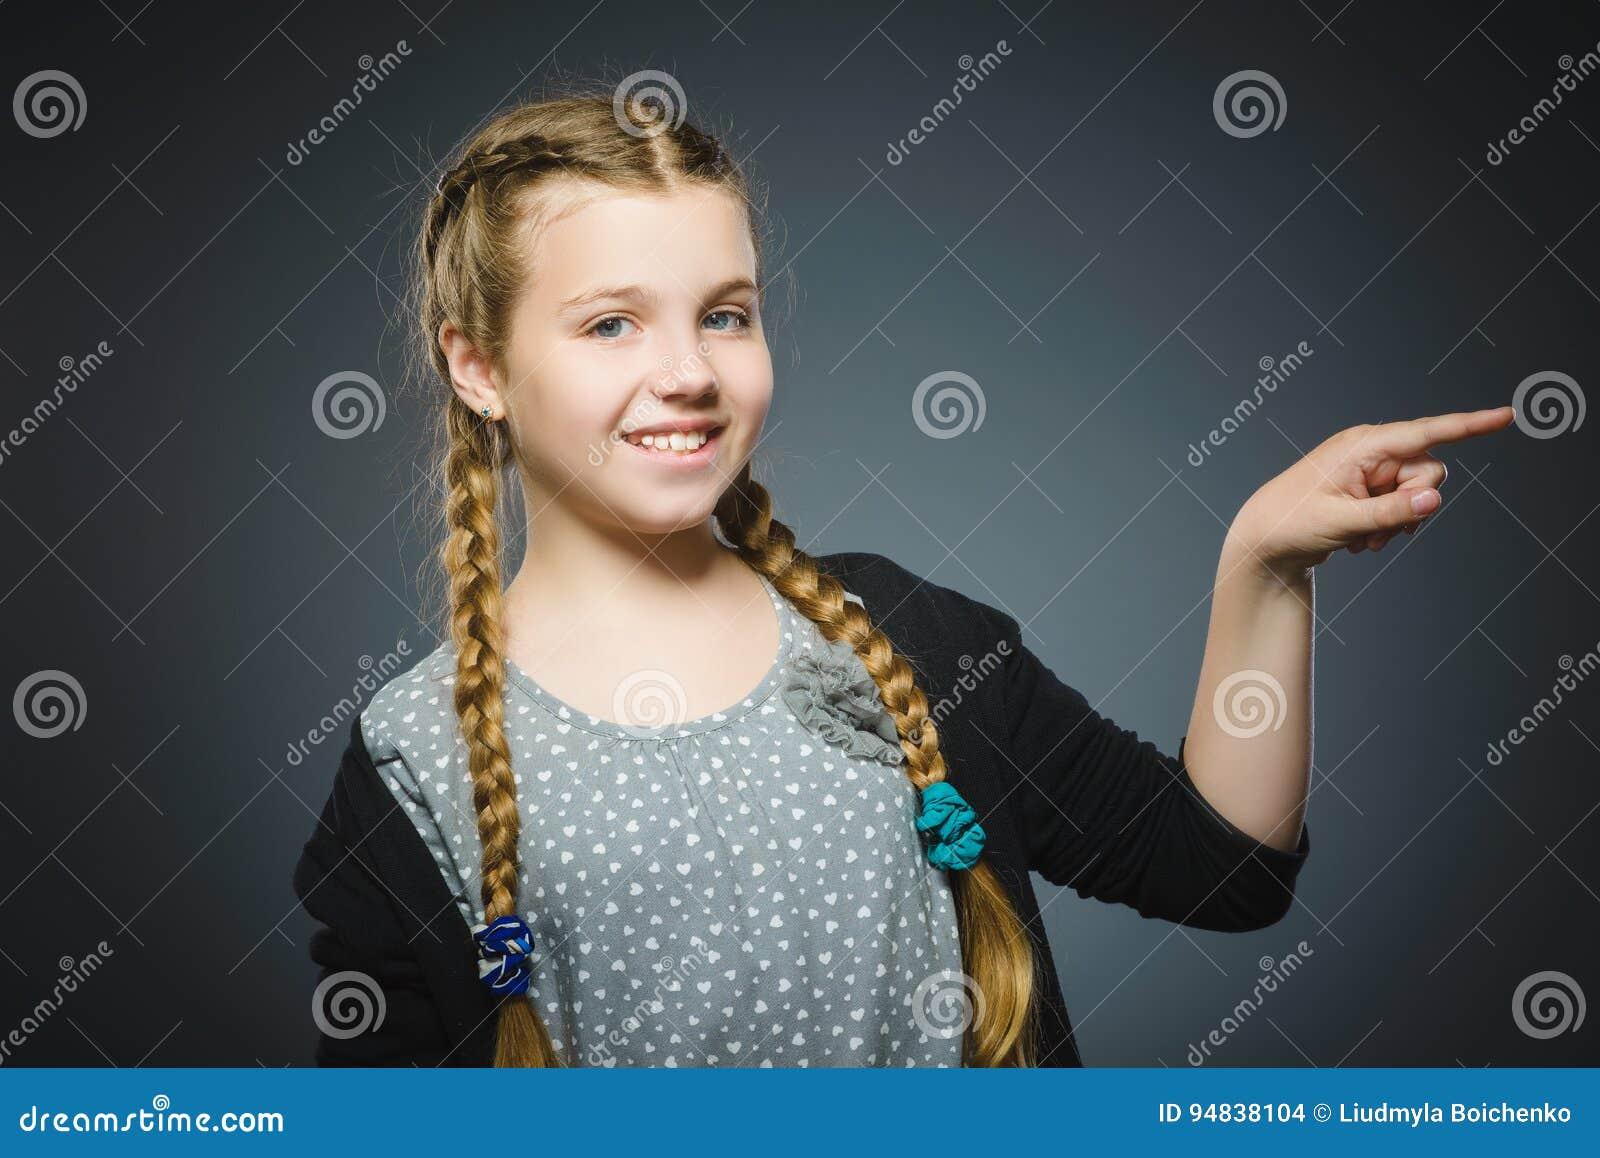 Szczęśliwy dziecka przedstawienie na coś Zbliżenie portret przystojny dziewczyny ono uśmiecha się